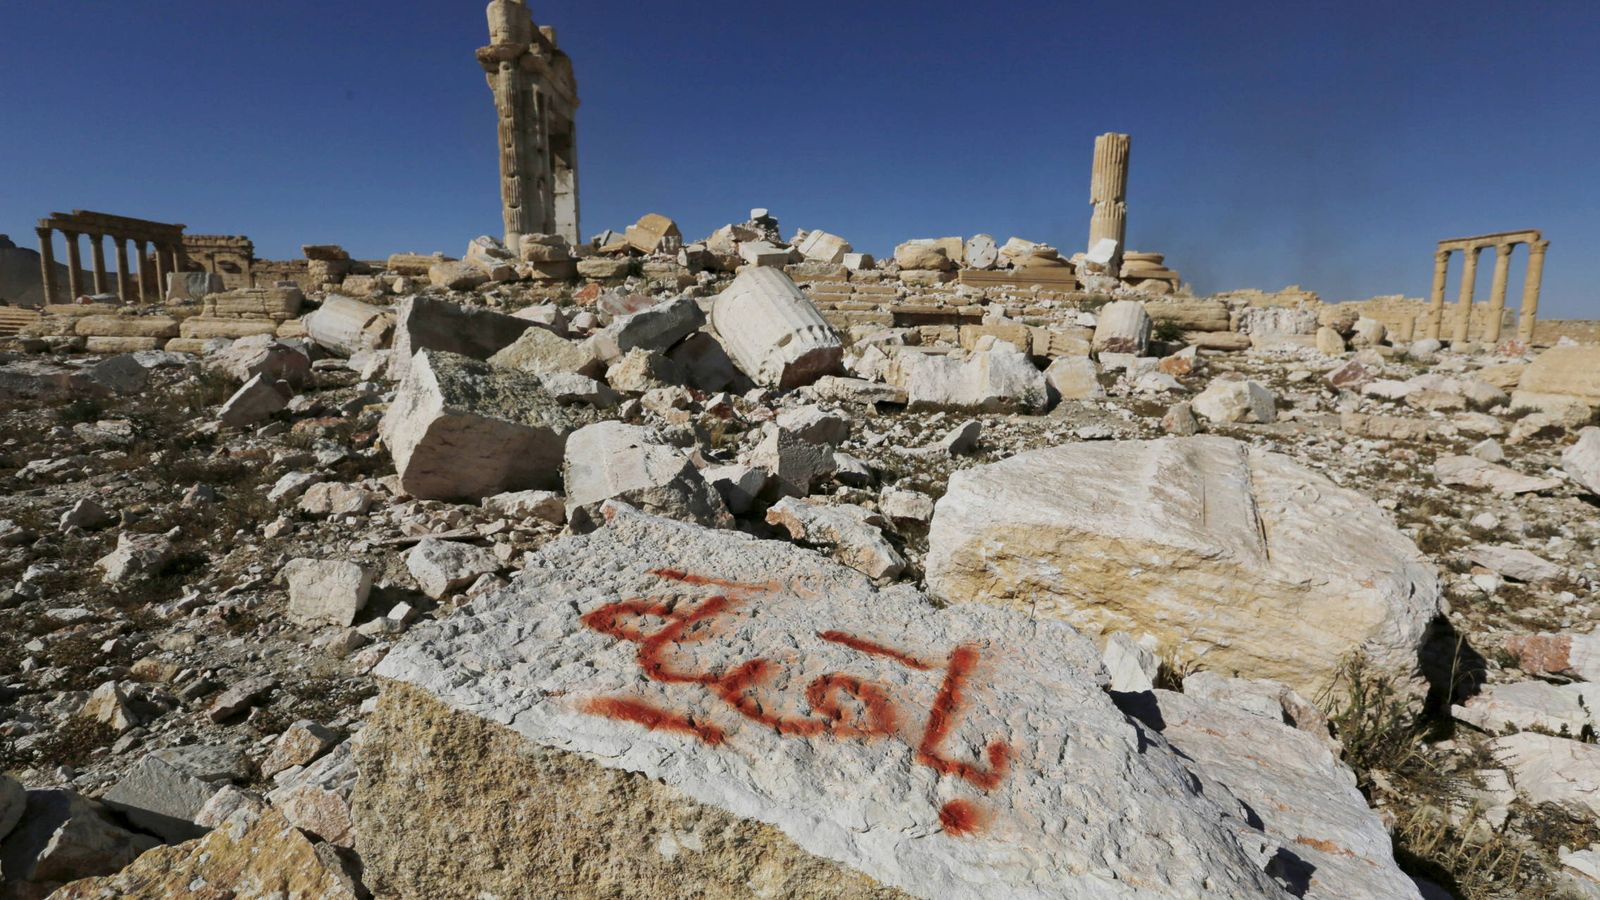 """Foto: Los restos del templo de Bel, en Palmira, dinamitado por Daesh. En el grafiti puede leerse """"Permaneceremos"""". (Reuters)"""